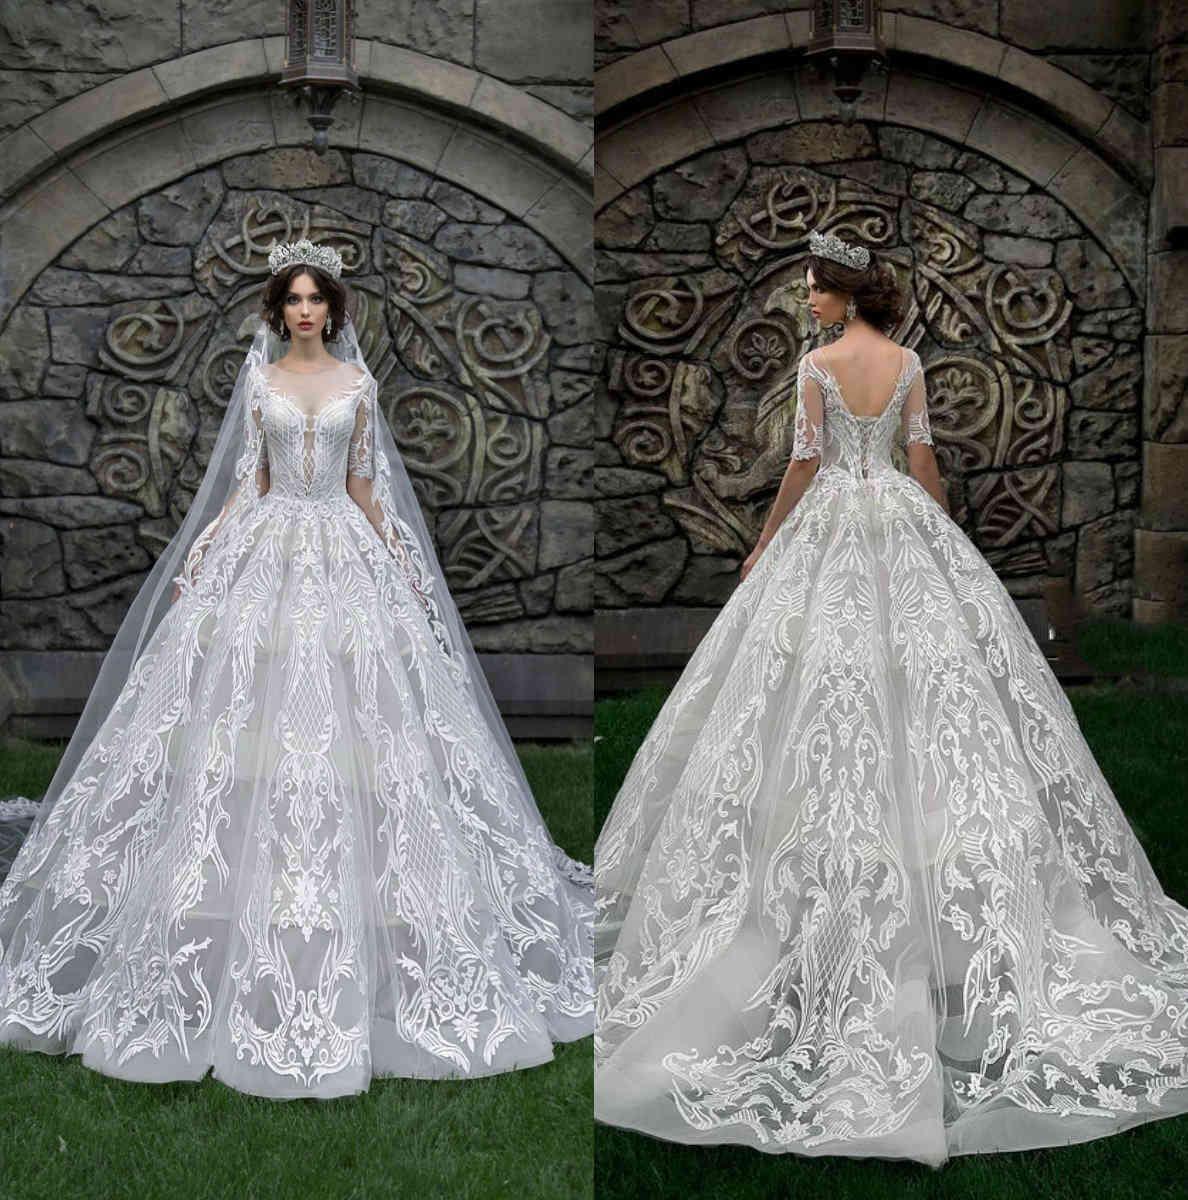 Robe de billes de luxe robe de mariée Robes de mariée Jewel col à moitié manches romandes de mariée chapelle Train Plus Taille de la cathédrale de Dubai Cathédrale Robes de mariée sur mesure